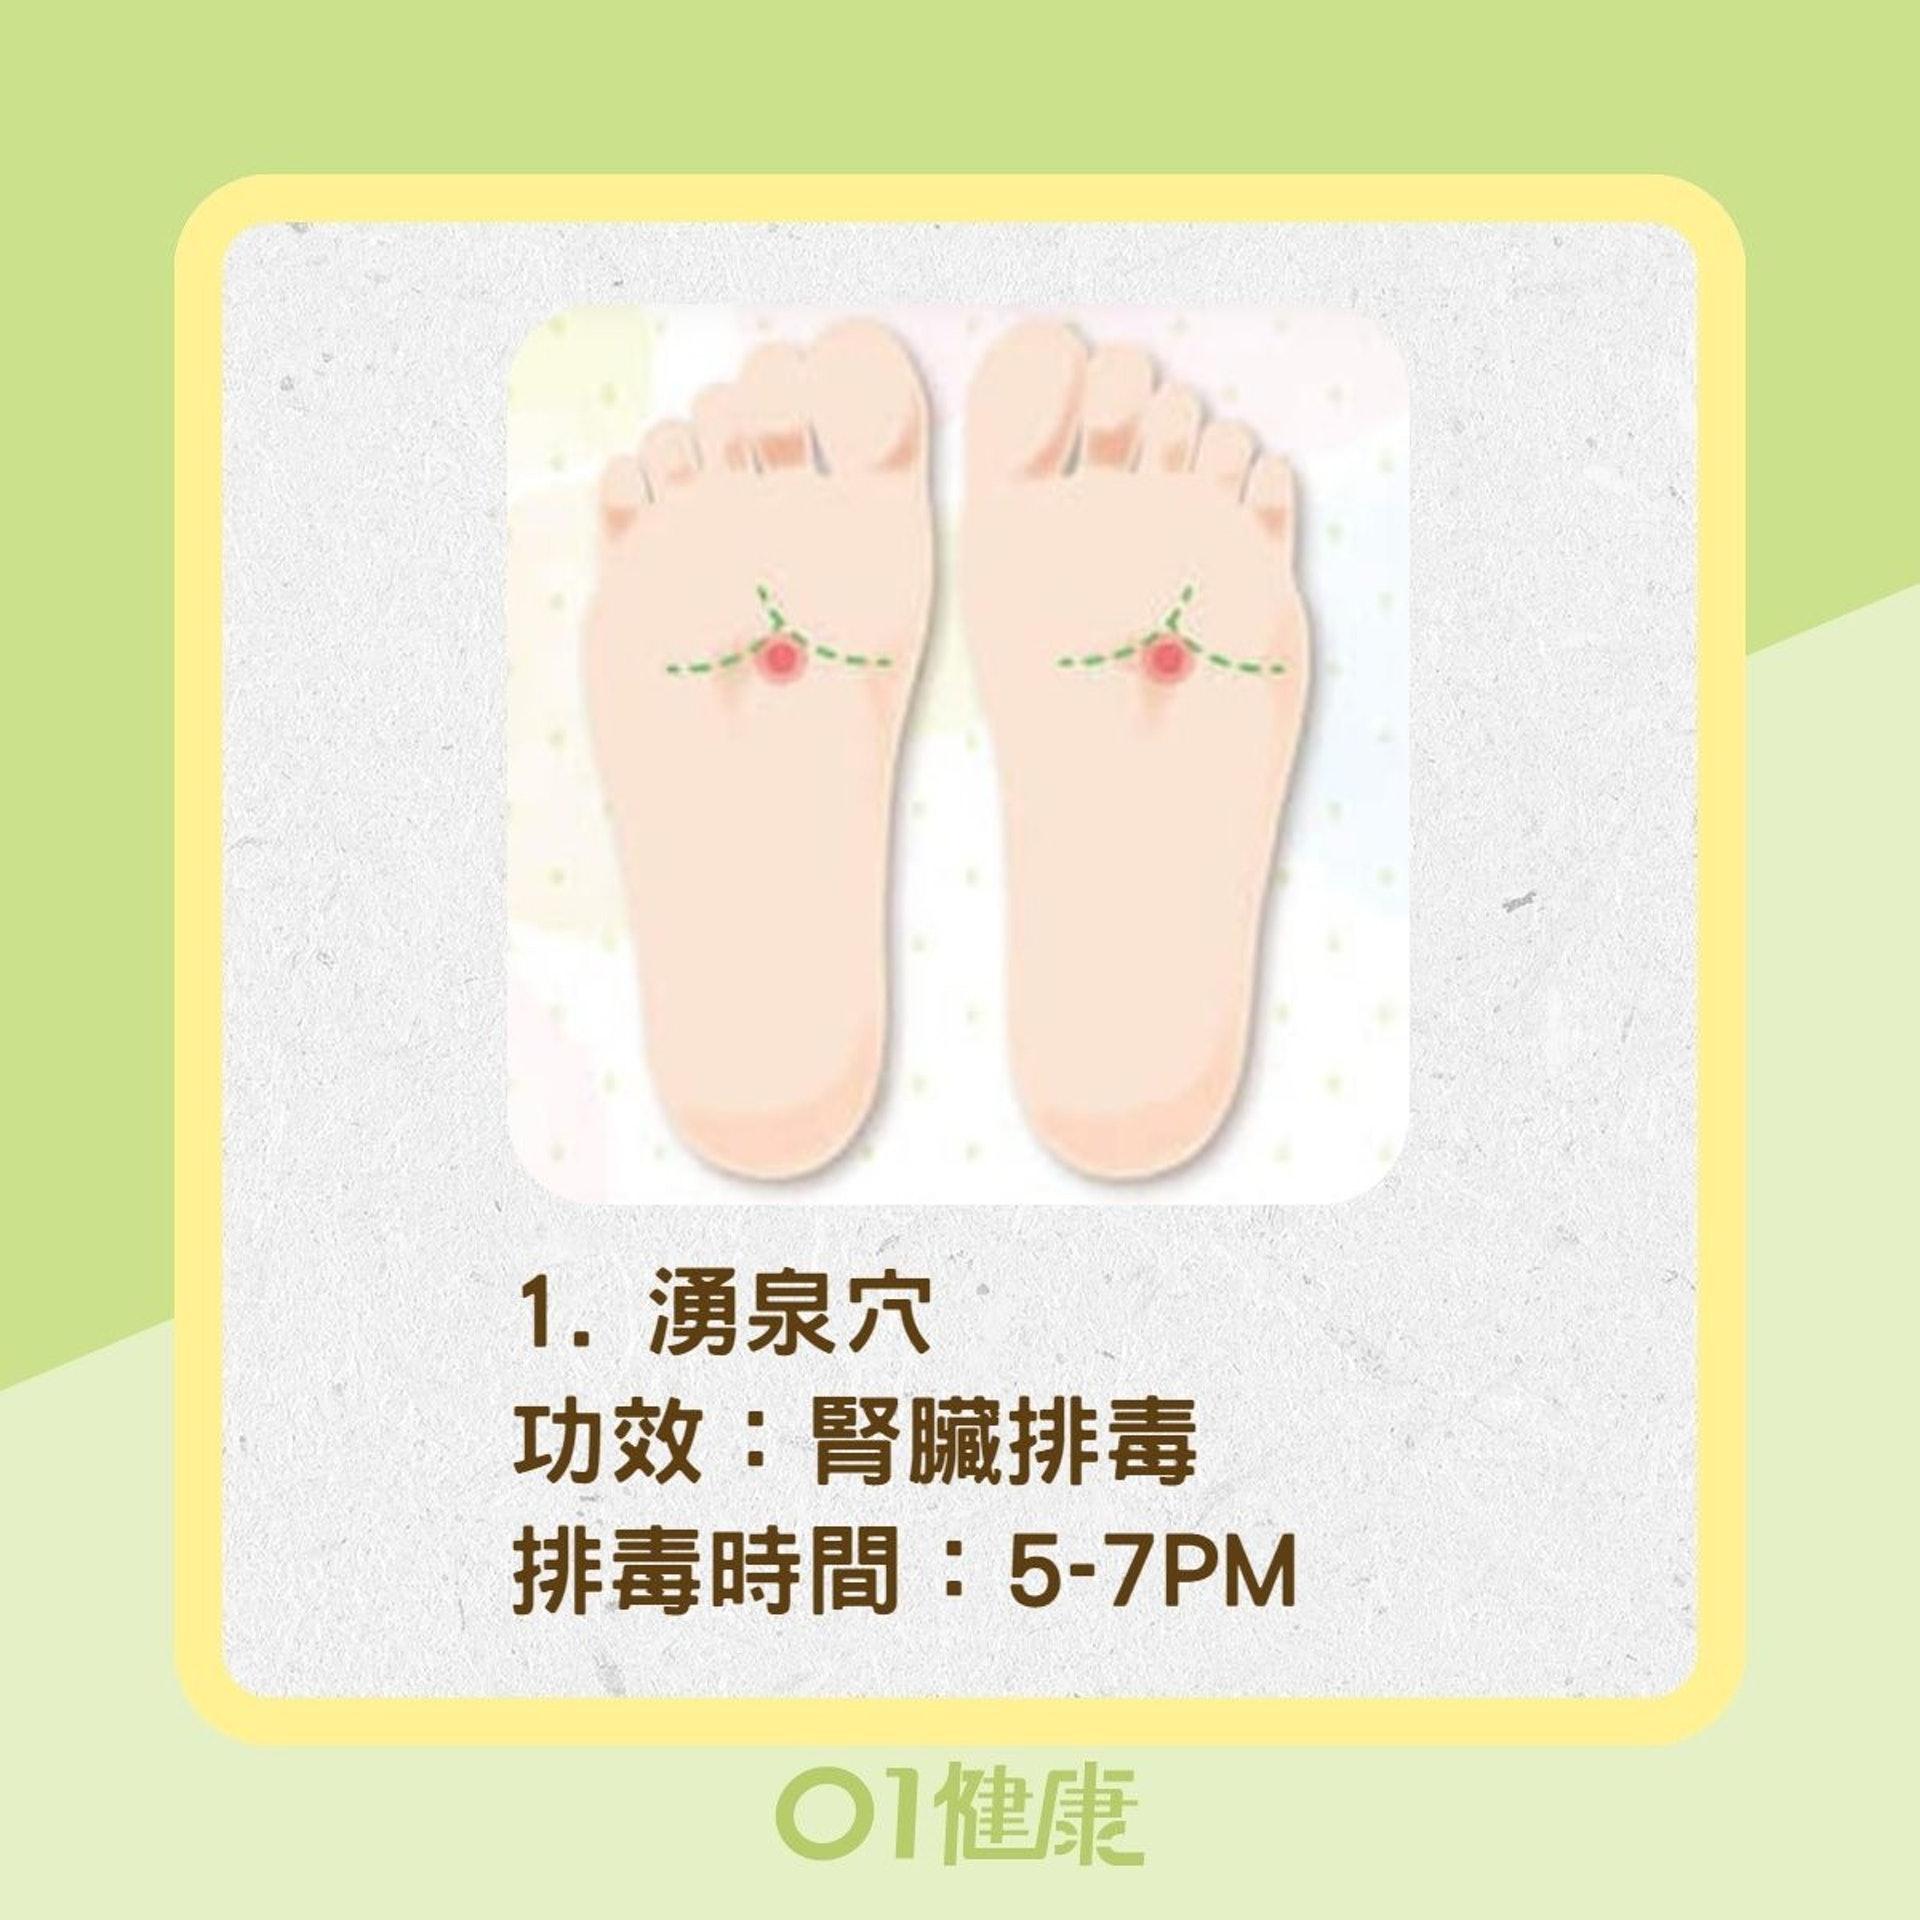 人體大器官排毒穴道(01製圖/Heho健康授權使用)